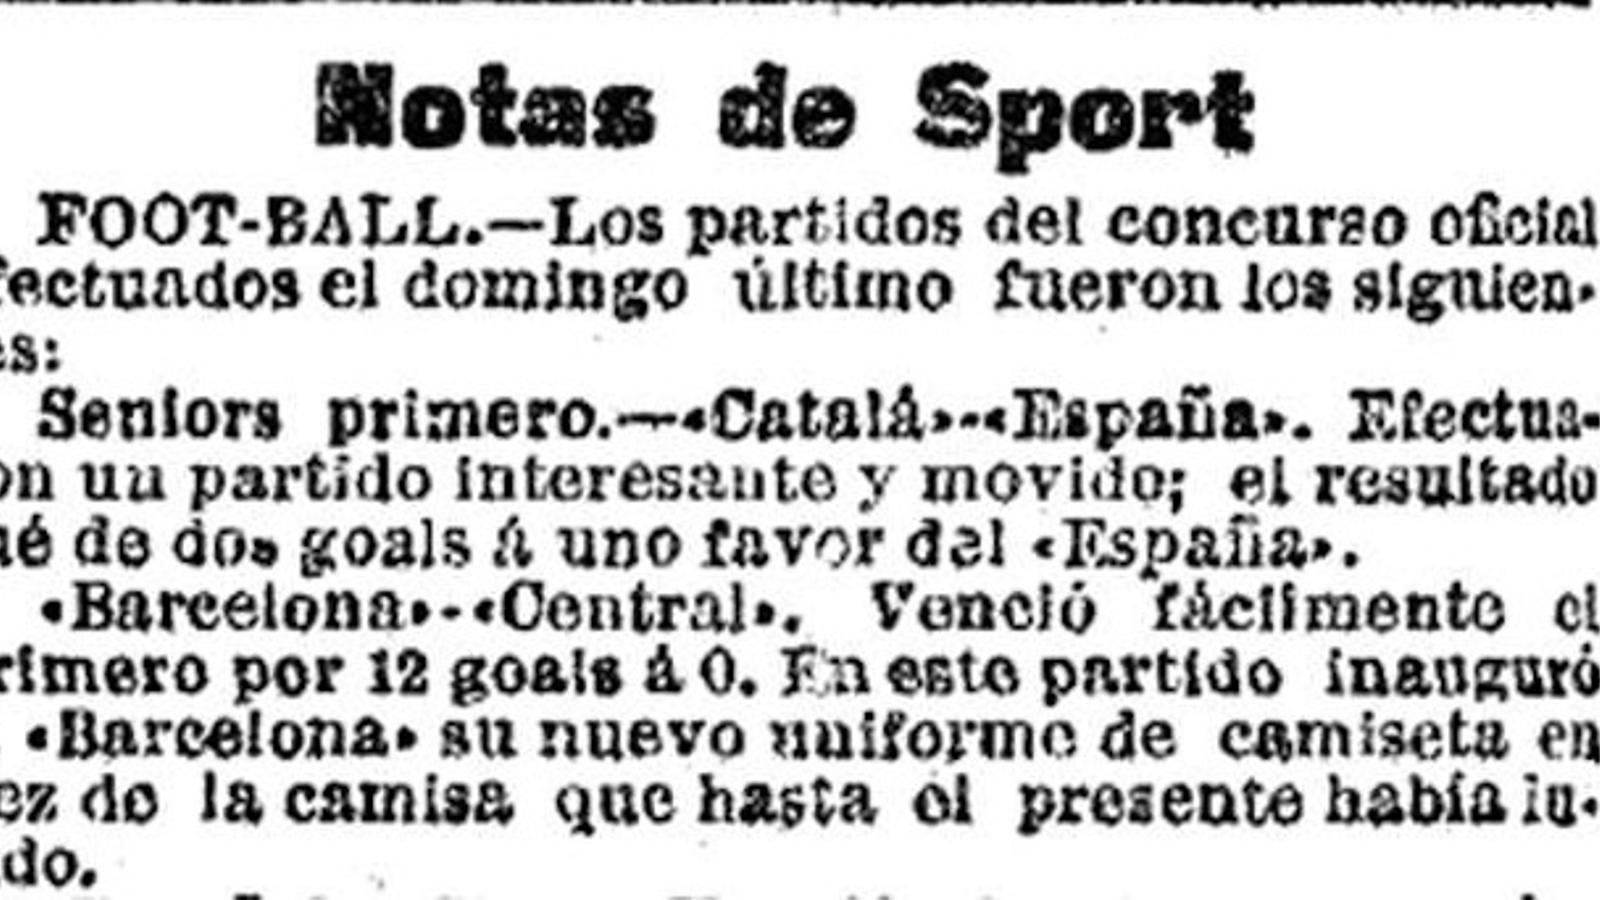 Informació esportiva a un diari de l'època / ARXIU PERIS DE VARGAS